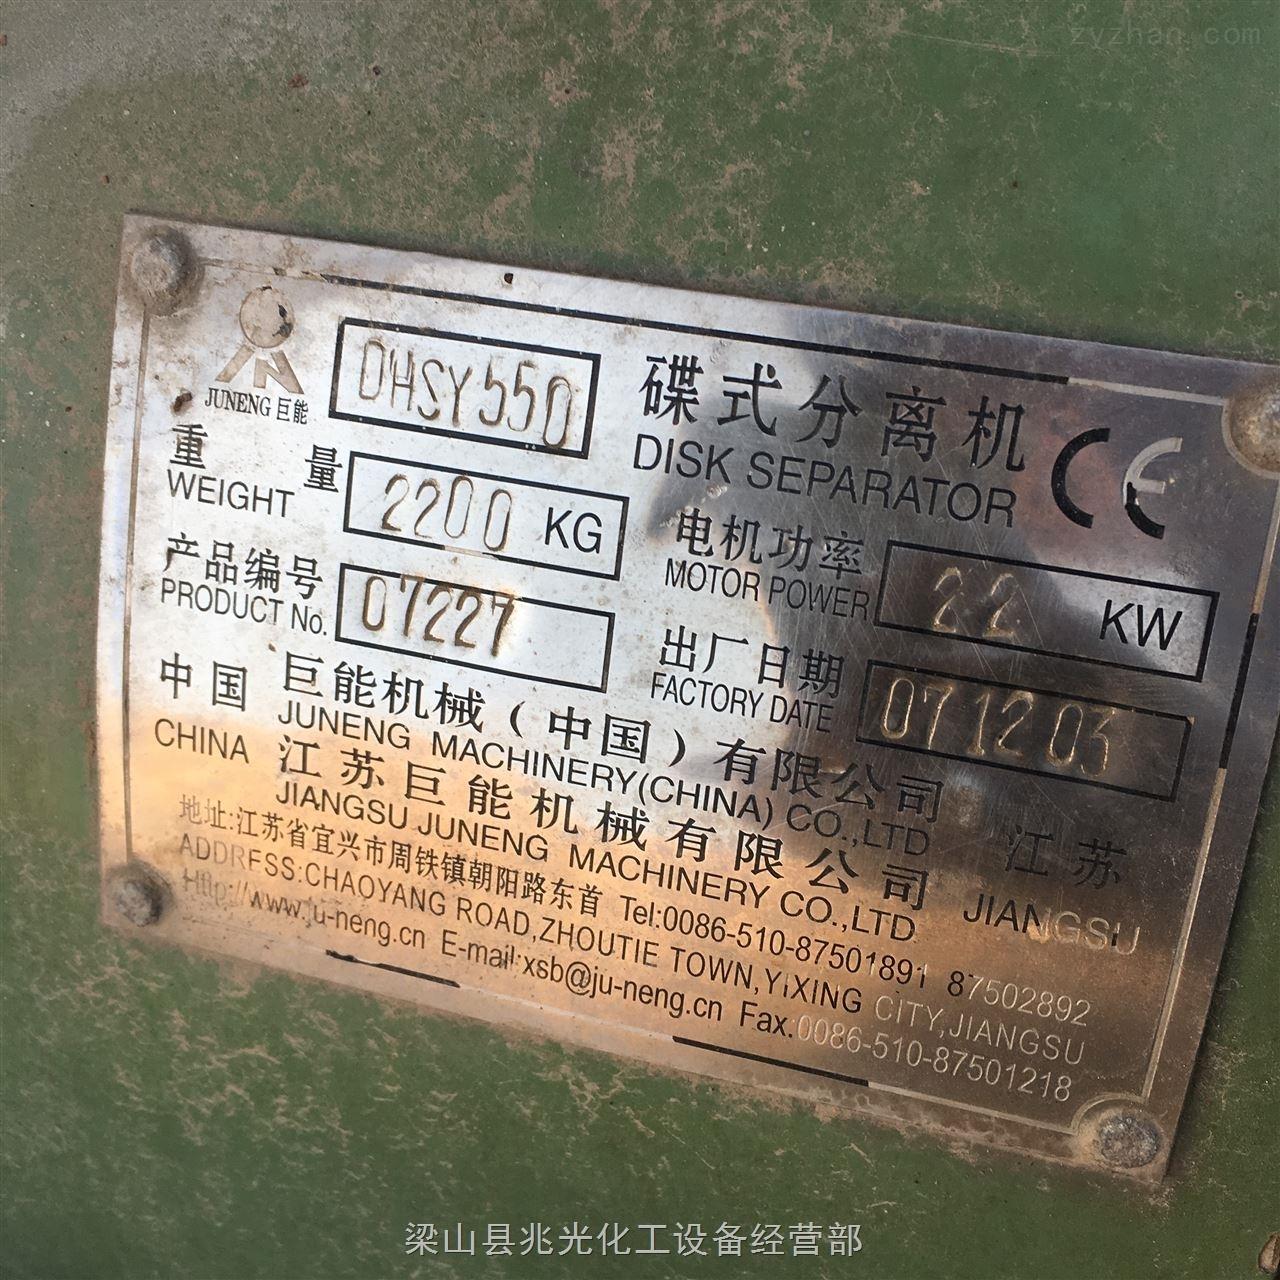 二手DHSY550型碟片式分离机有售